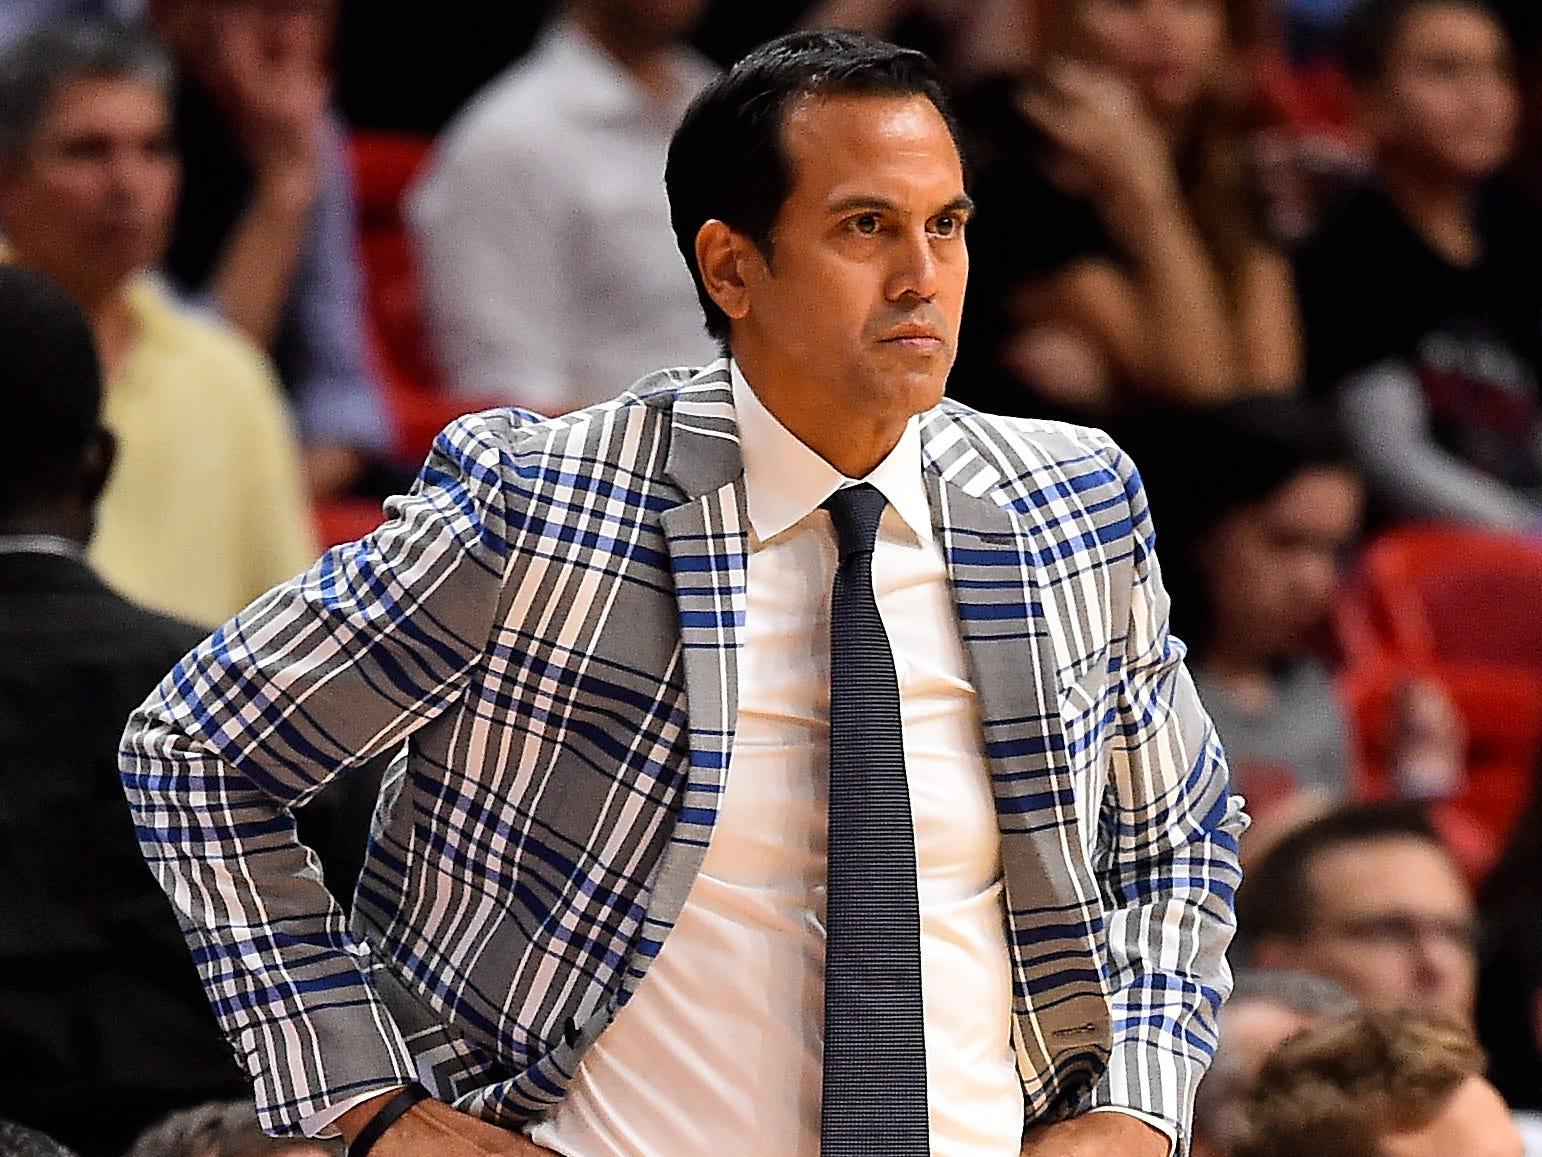 Nov. 30: Miami Heat coach Erik Spoelstra